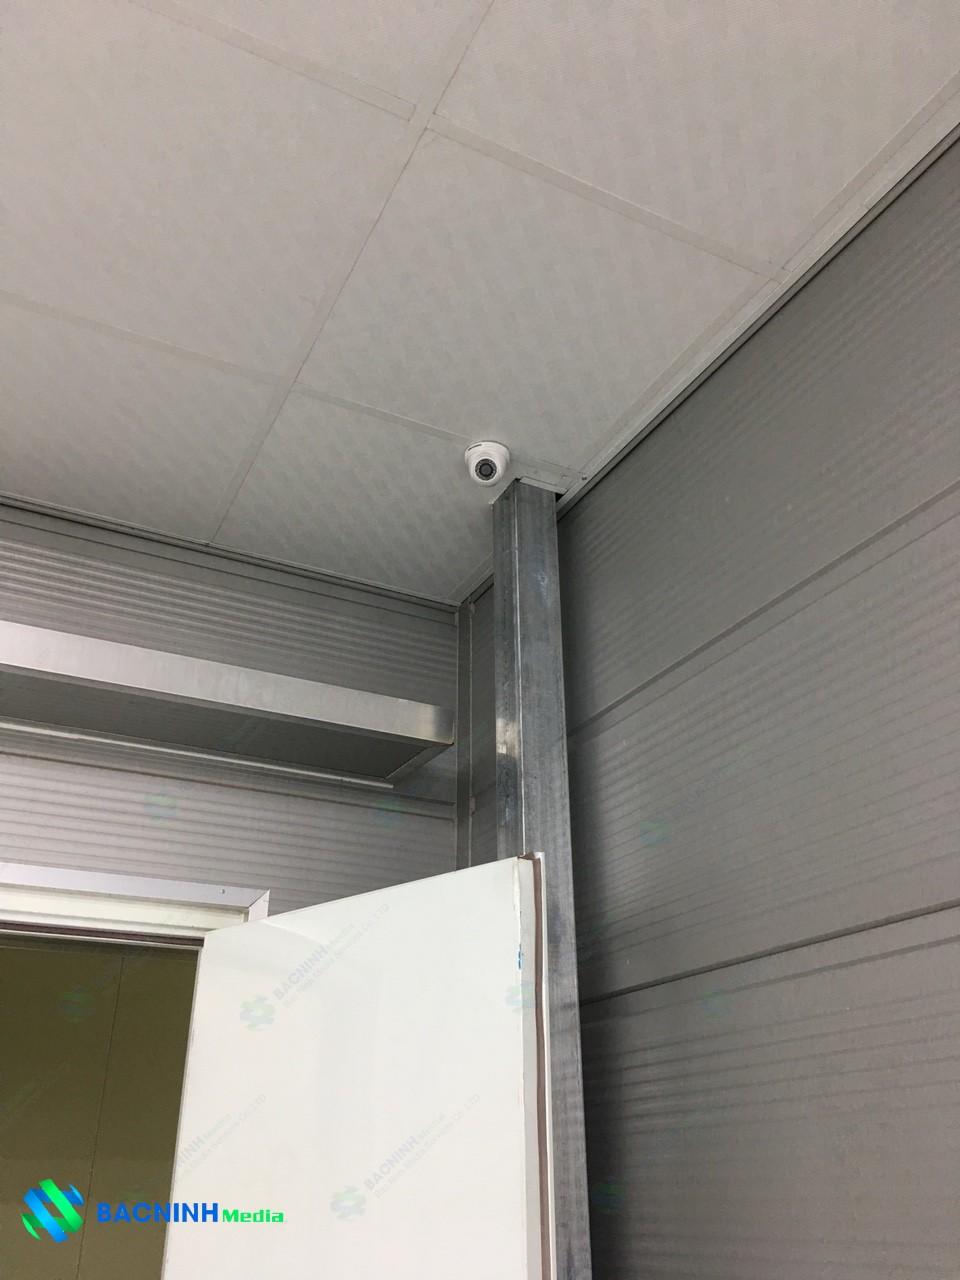 nghiệm thu và bàn giao hệ thống camera nhà xường